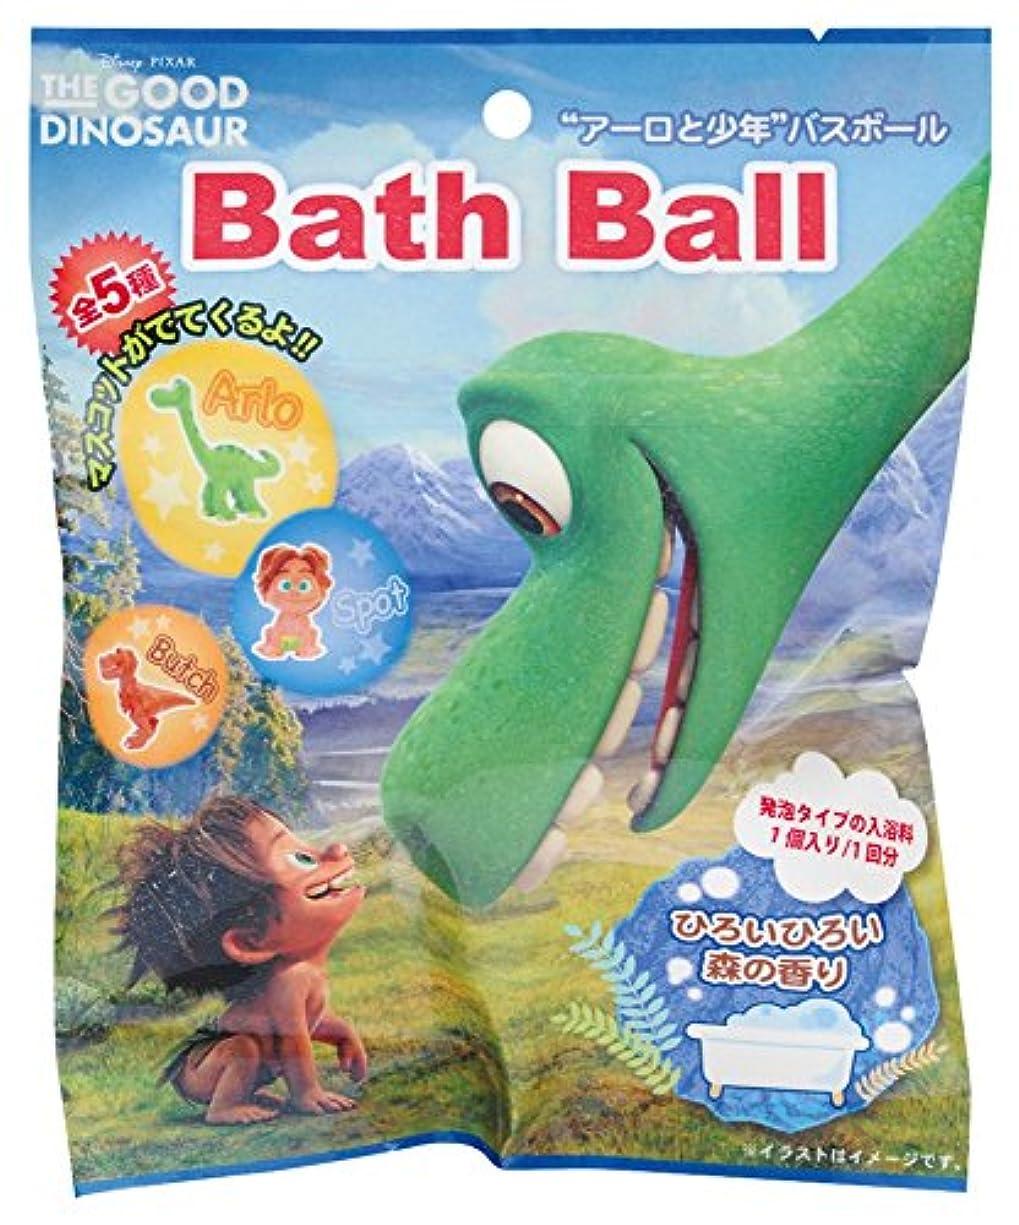 うめき声演じる補助ディズニー ピクサー 入浴剤 アーロと少年 バスボール おまけ付き DIP-84-01